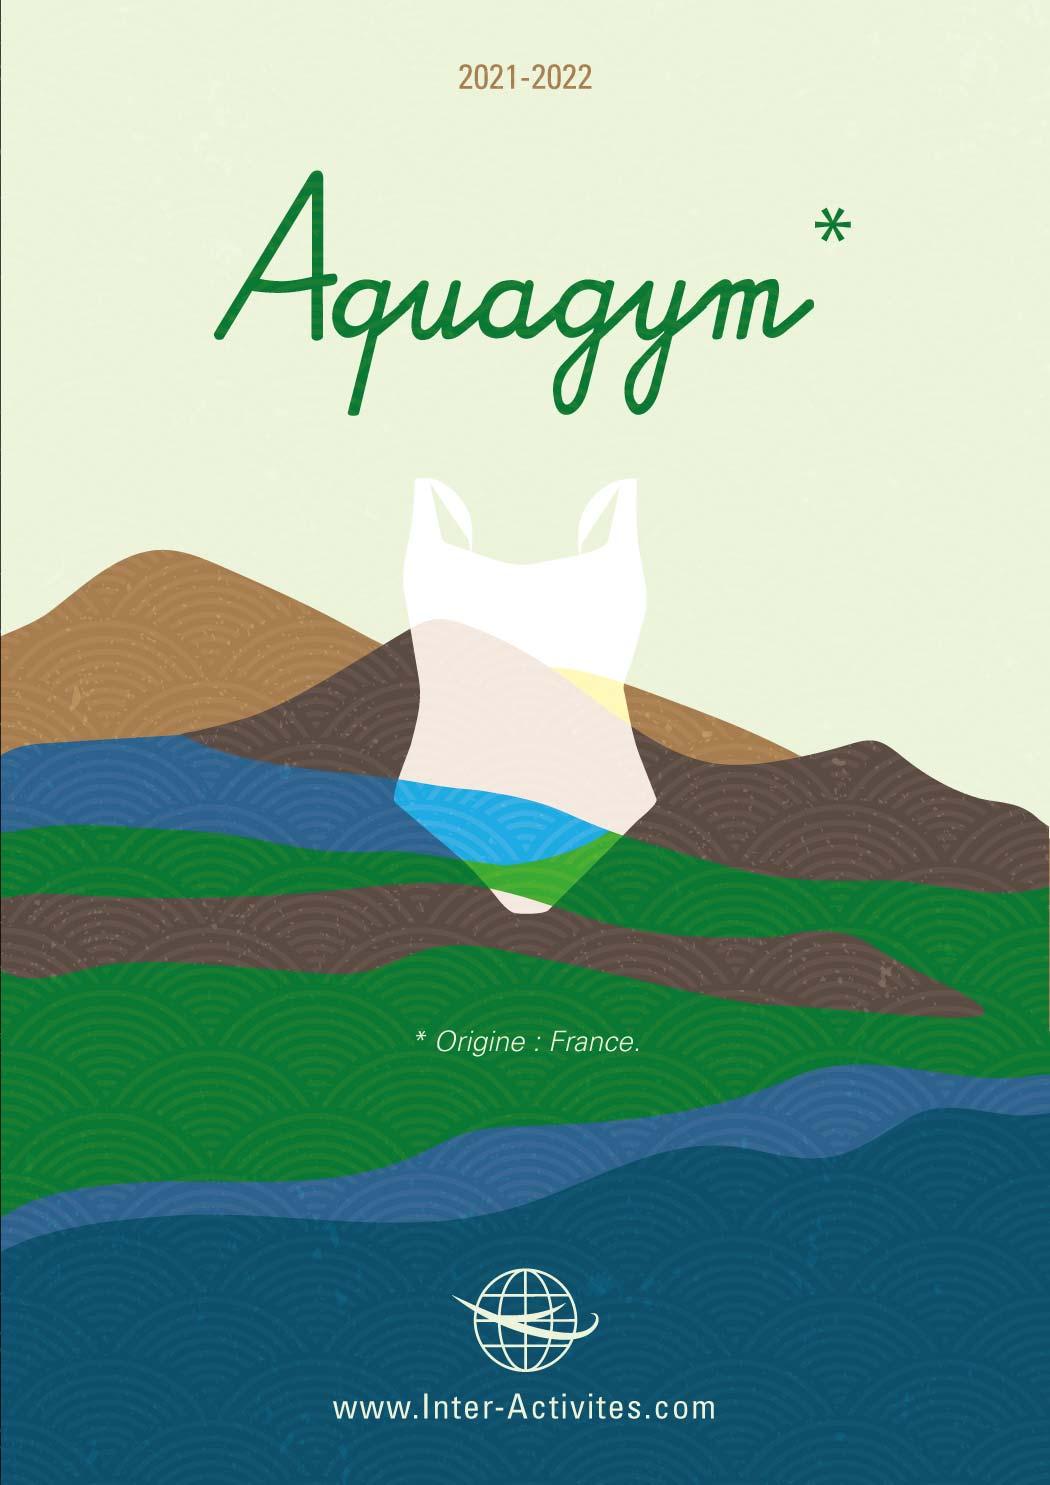 Aquagym - Inter-Activités Sport Paris Centre